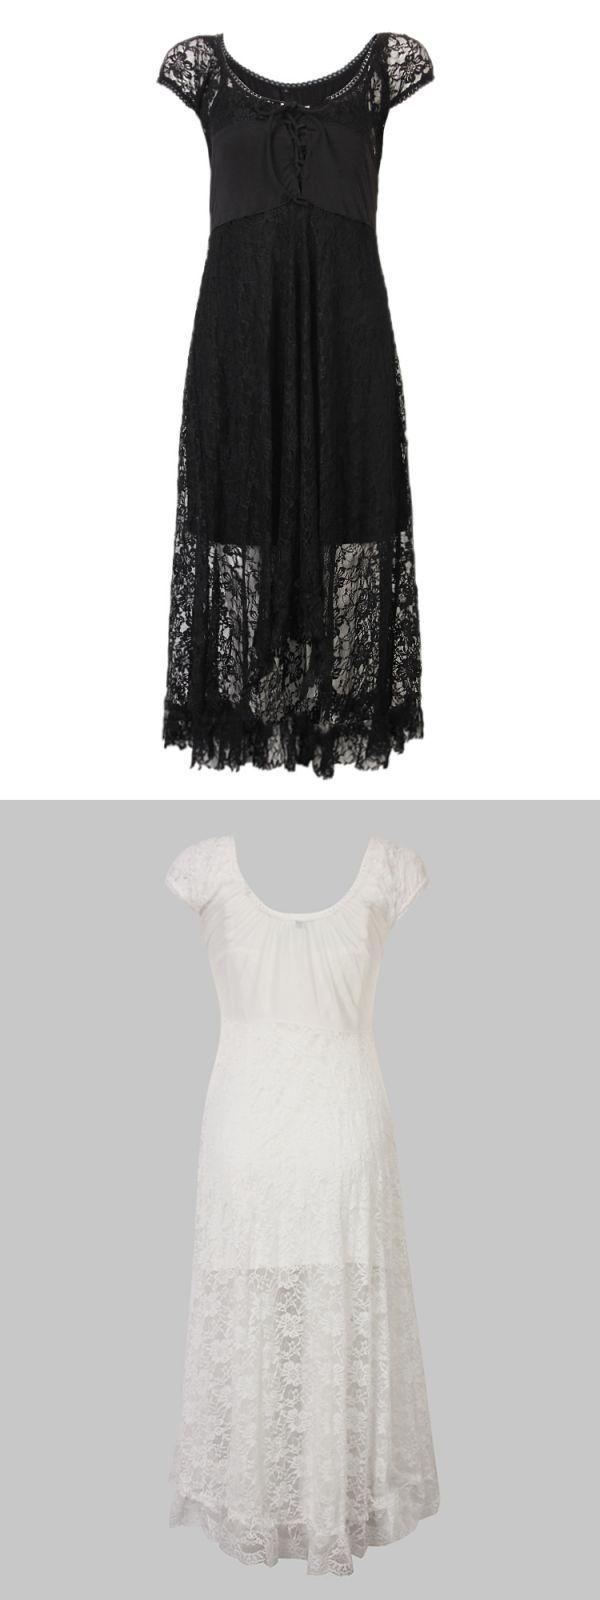 Lace dresses with cowboy boots casual women lace hollow floral asymmetric hem sexy dress #lace #dress #zara #uk #lace #dresses #party #lace #dresses #to #buy #online #t #length #lace #dresses